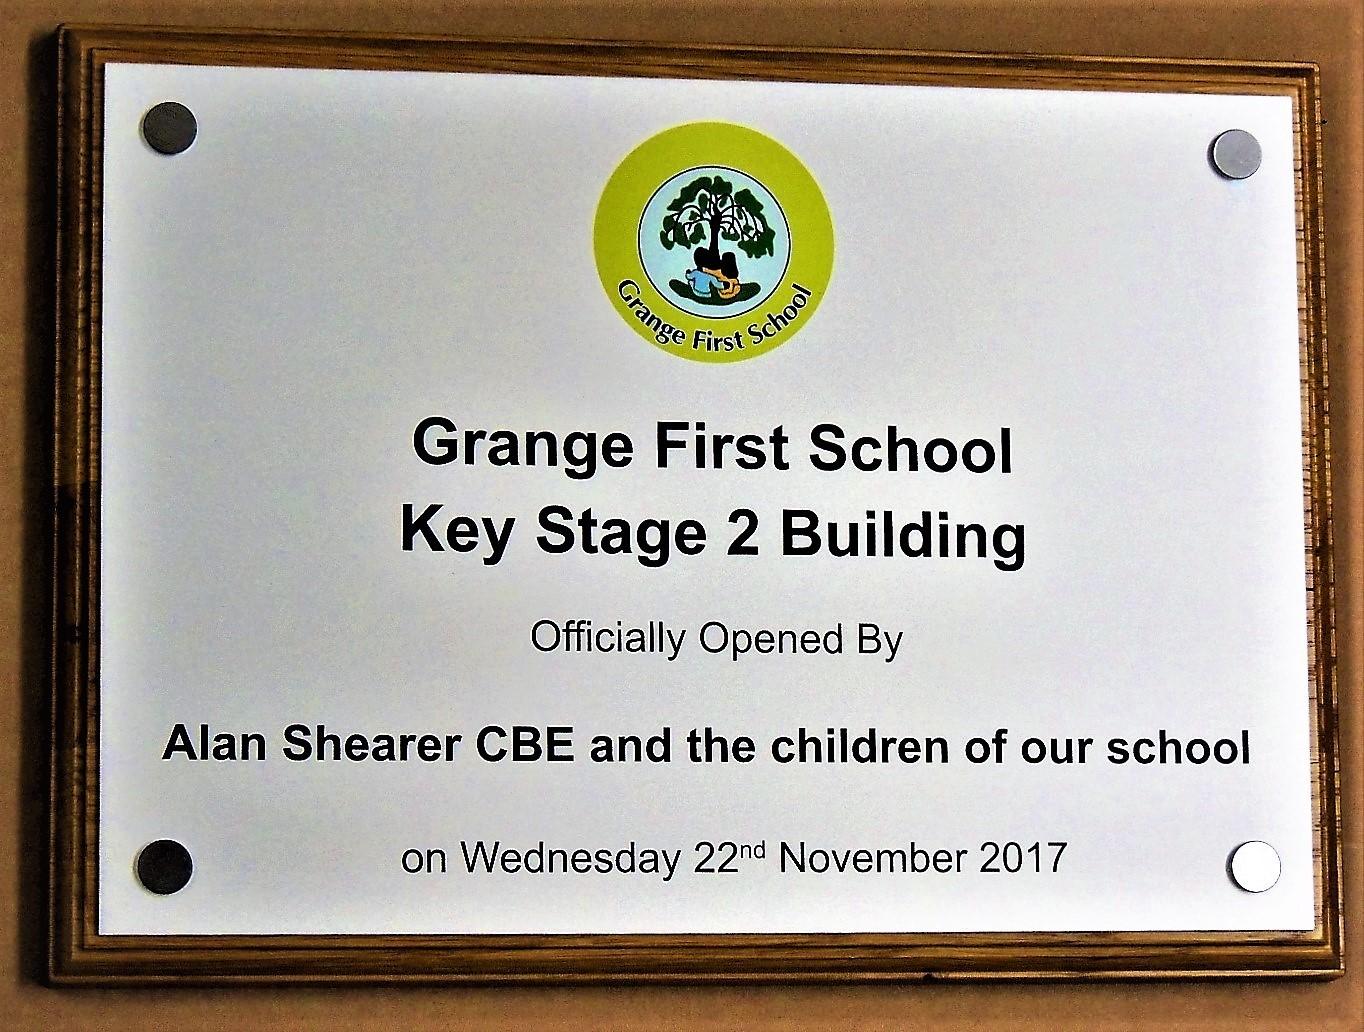 Full colour logo incorporated onto an aluminium plaque